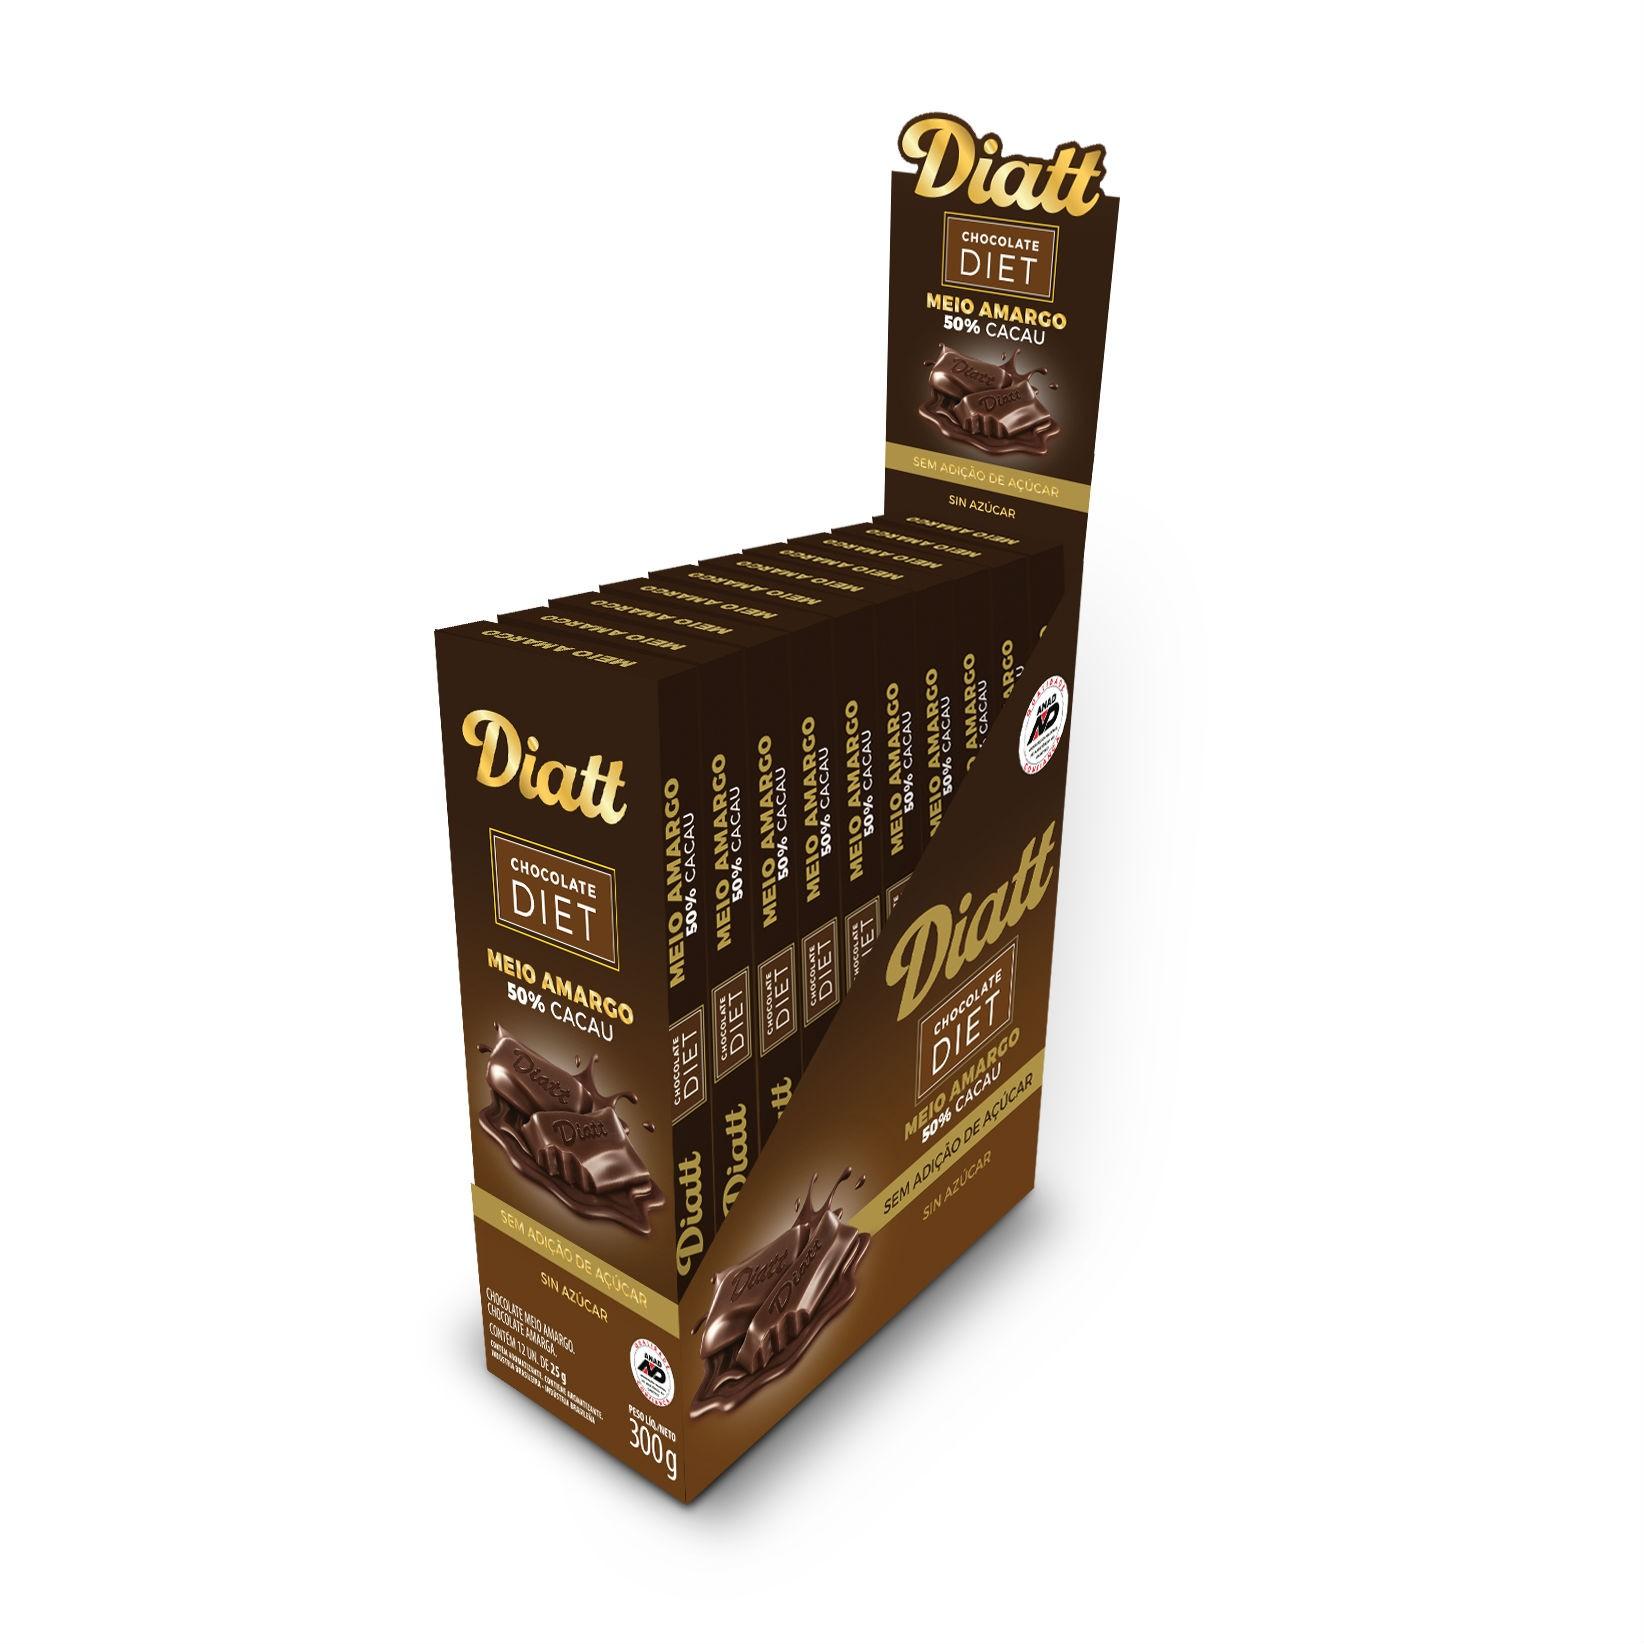 Chocolate Diet Meio Amargo 50% cacau Sem Adição de Açúcar 300g Display 25g x 12 - Diatt